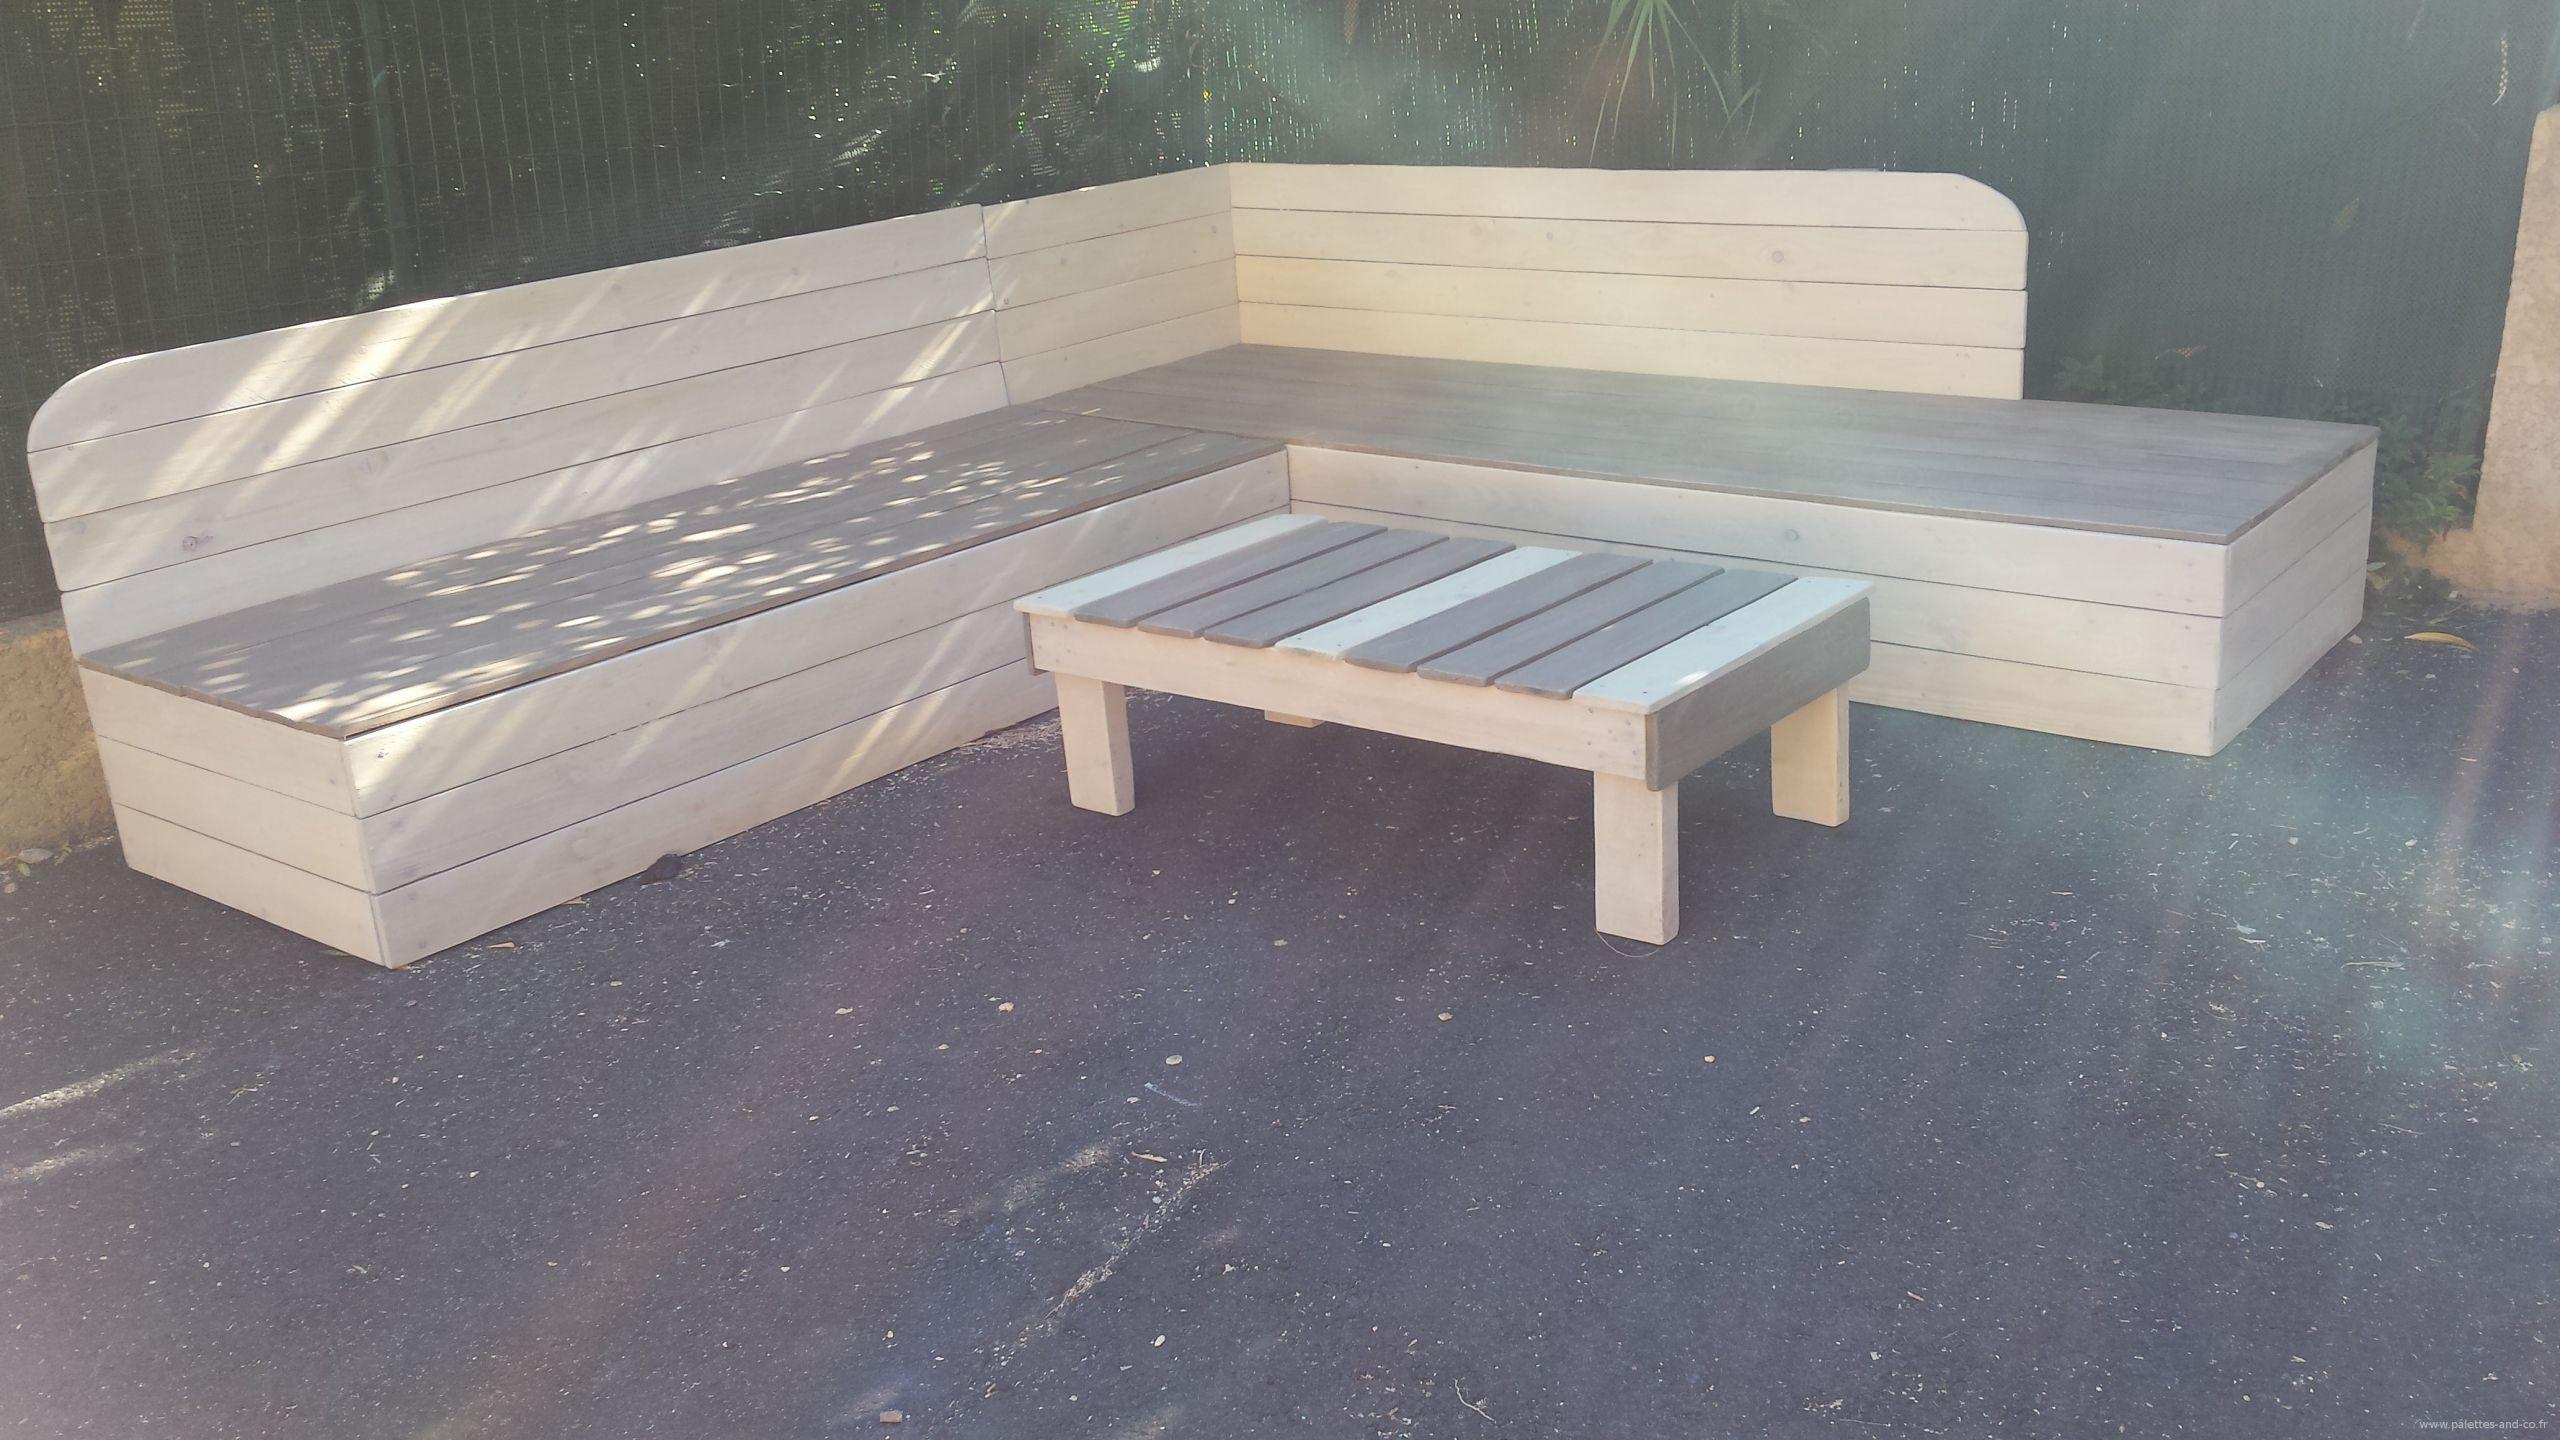 Table De Jardin Recup banquette avec palette des idées - idees conception jardin